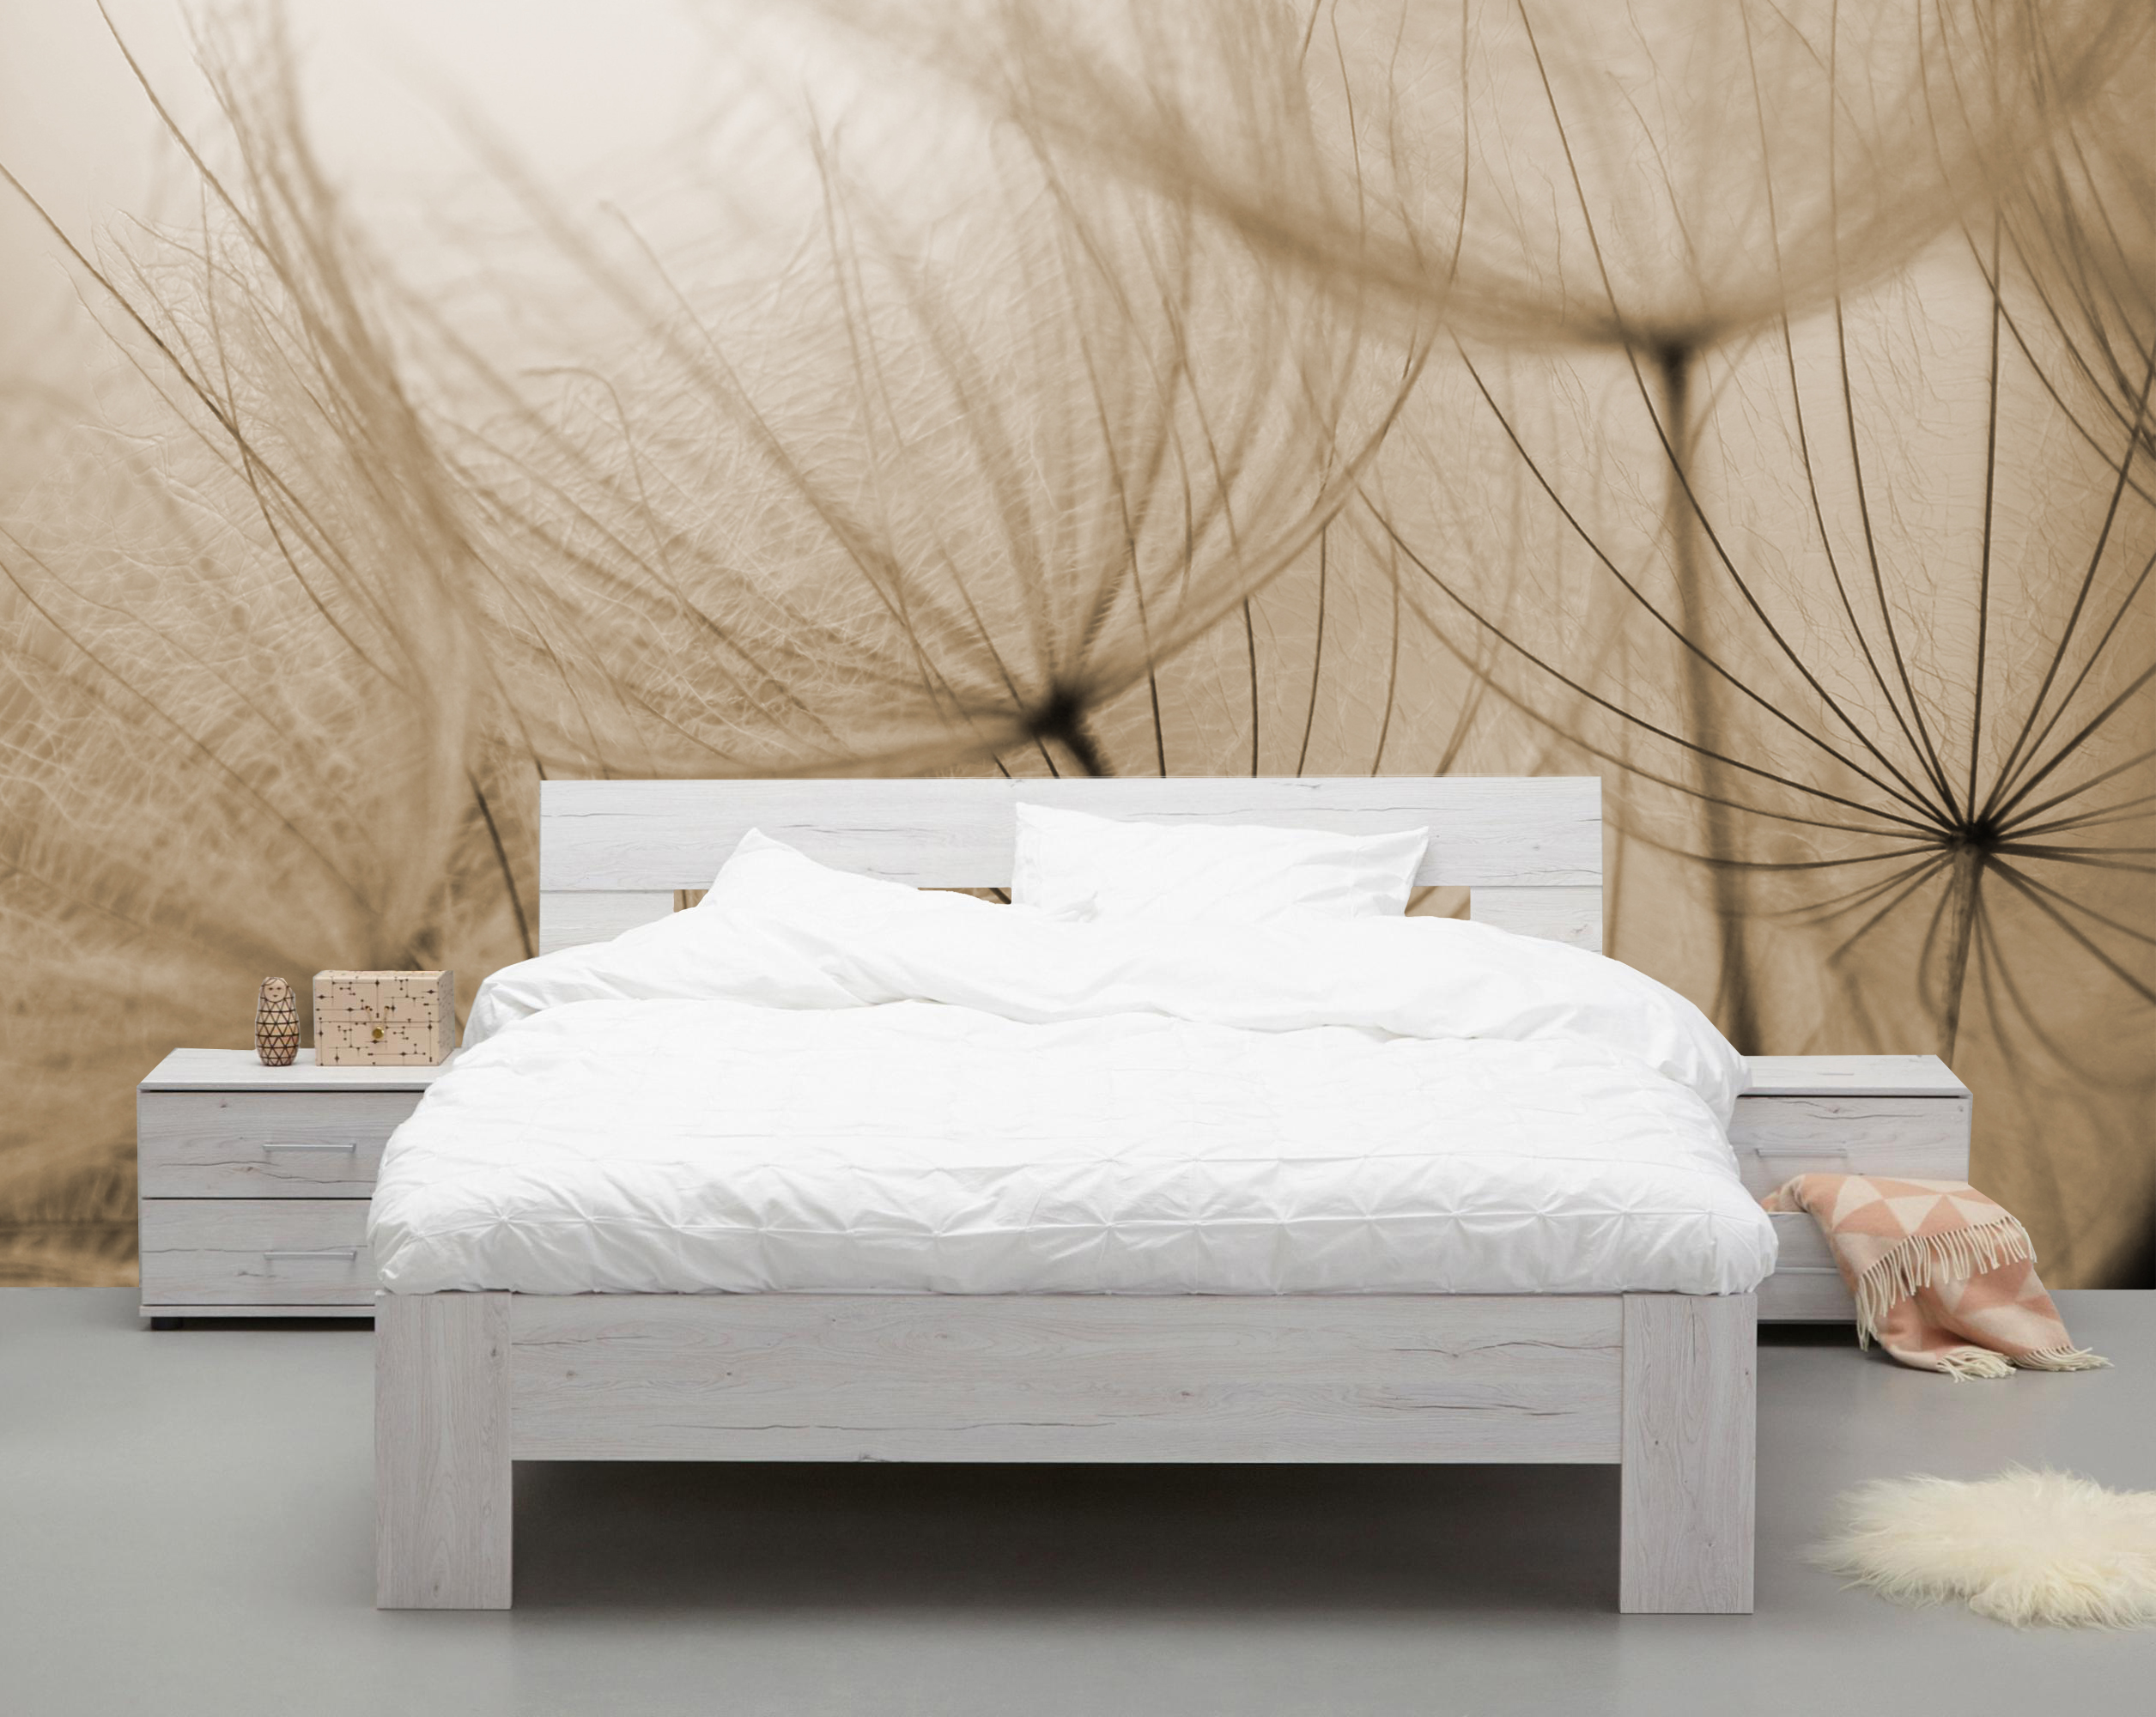 Vlies fotobehang Dandelions Sepia